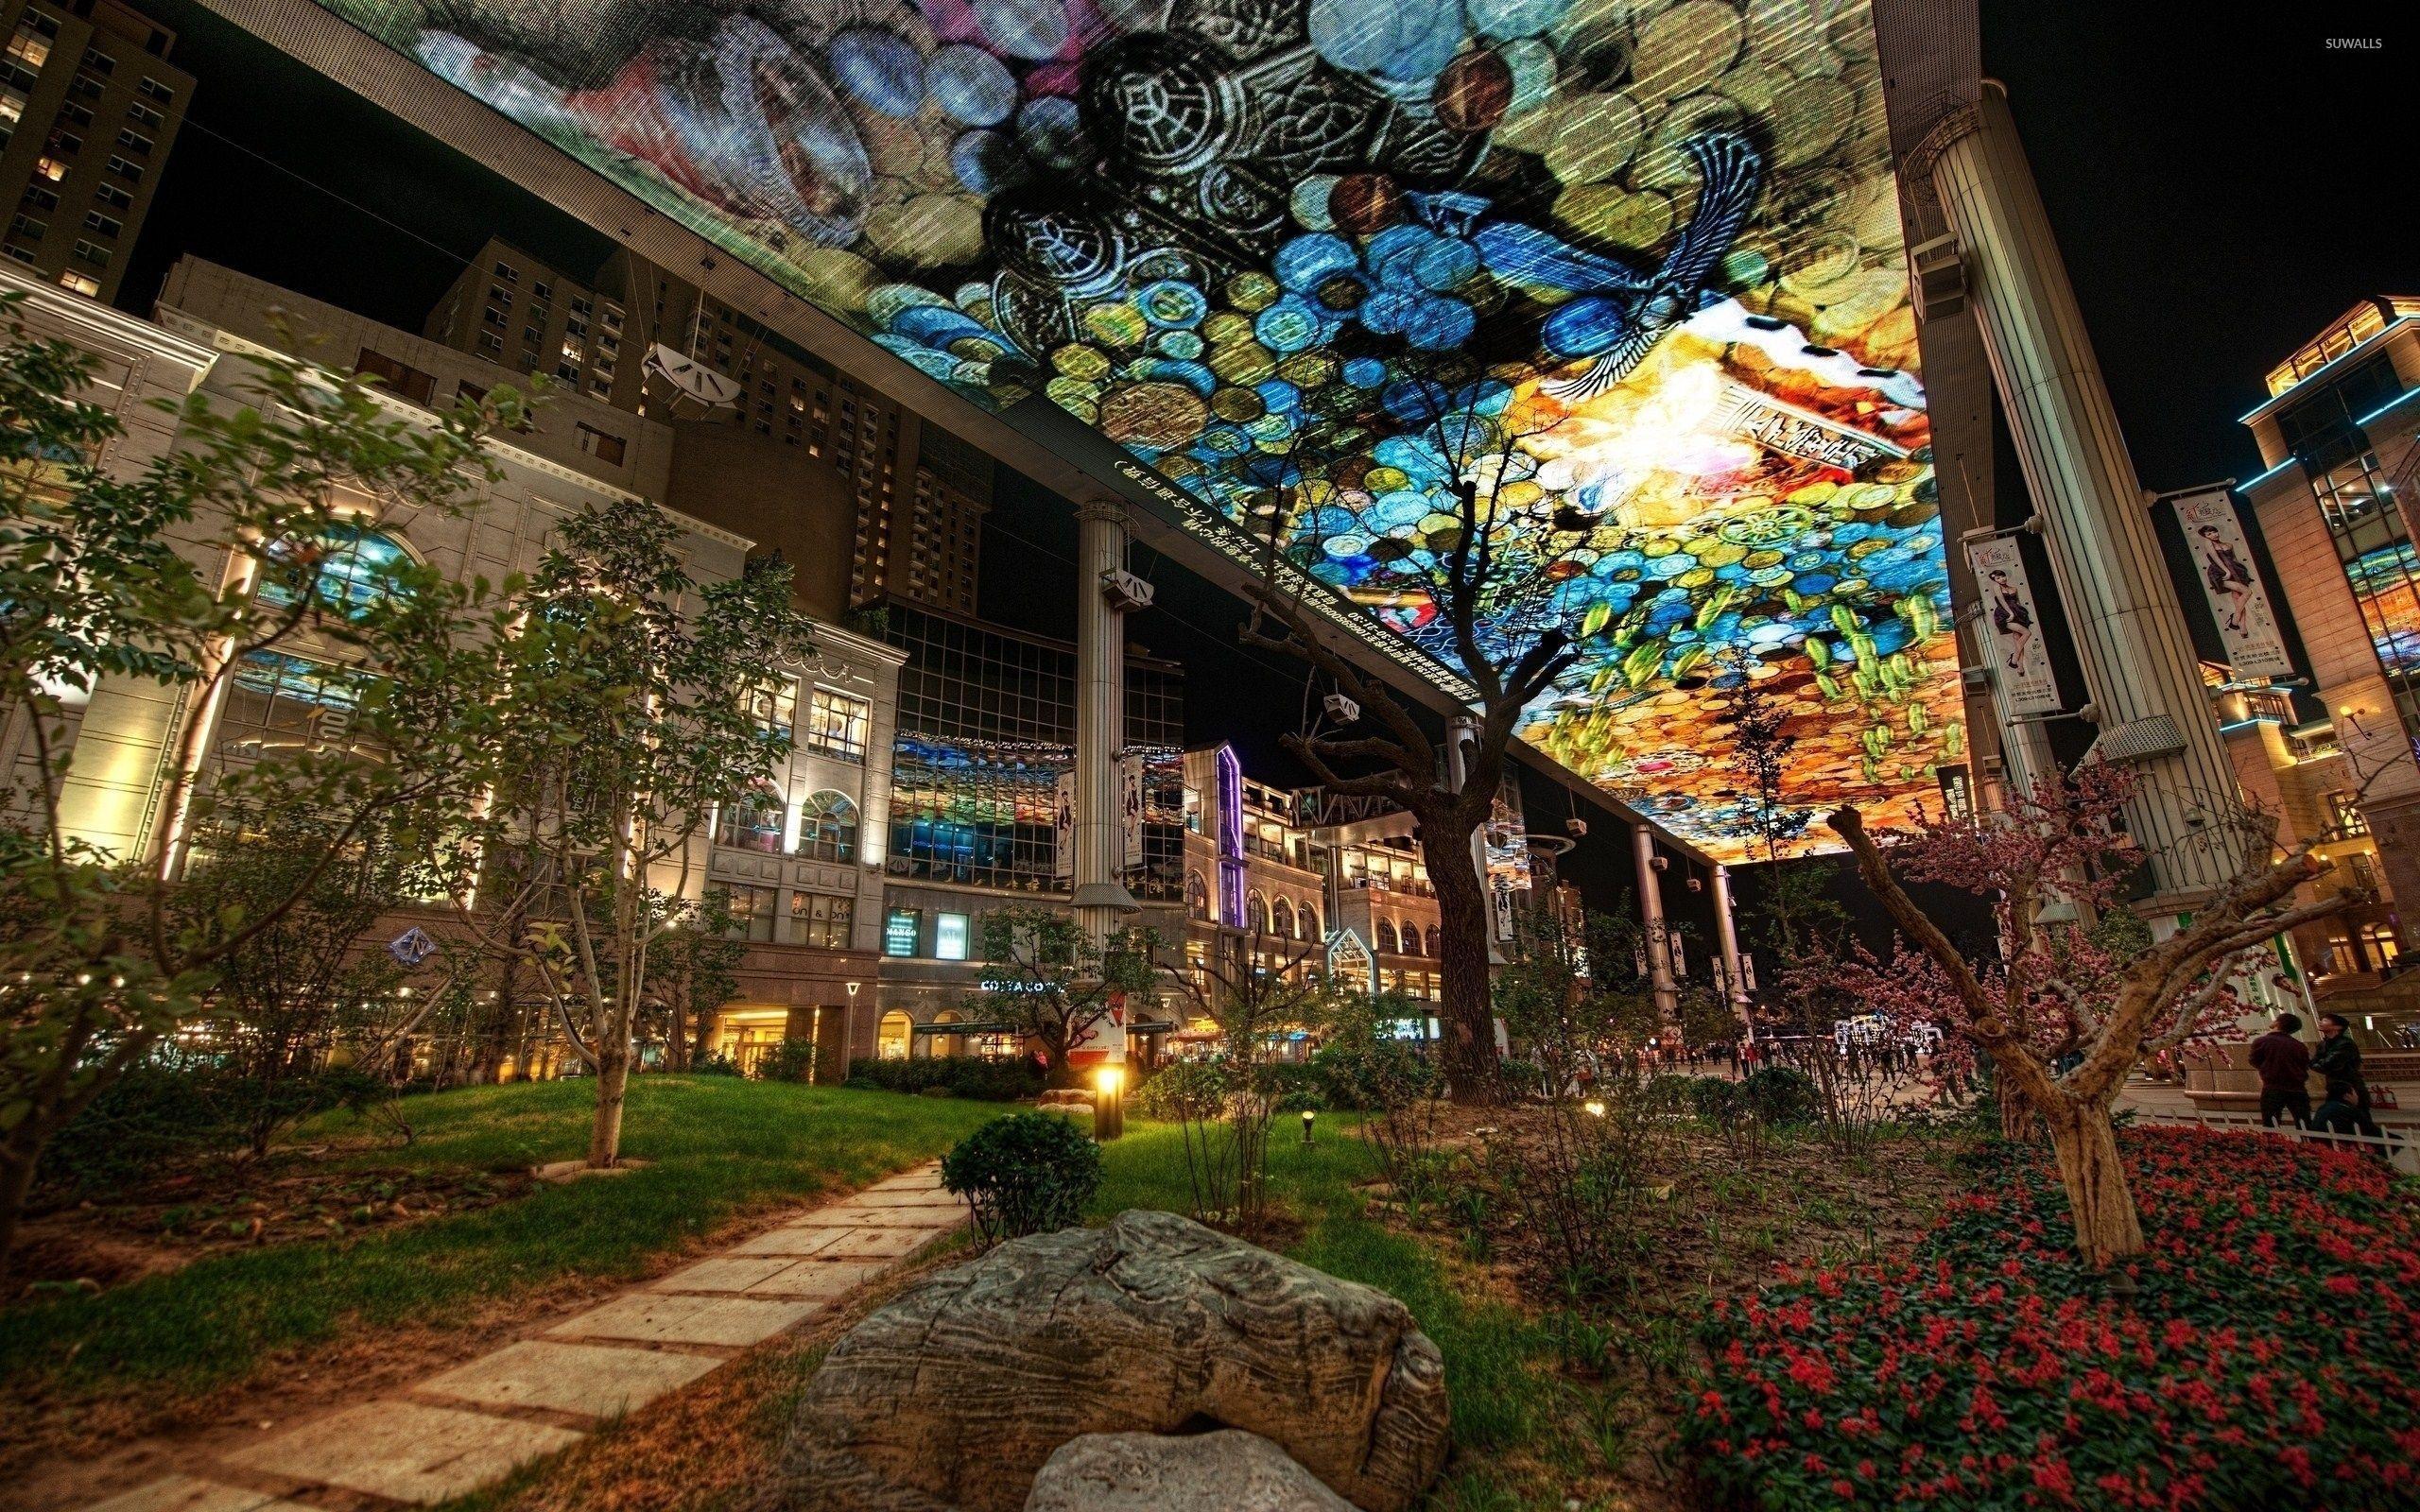 Hình nền nghệ thuật đô thị trong vườn thành phố 2560x1600 - Hình nền thế giới